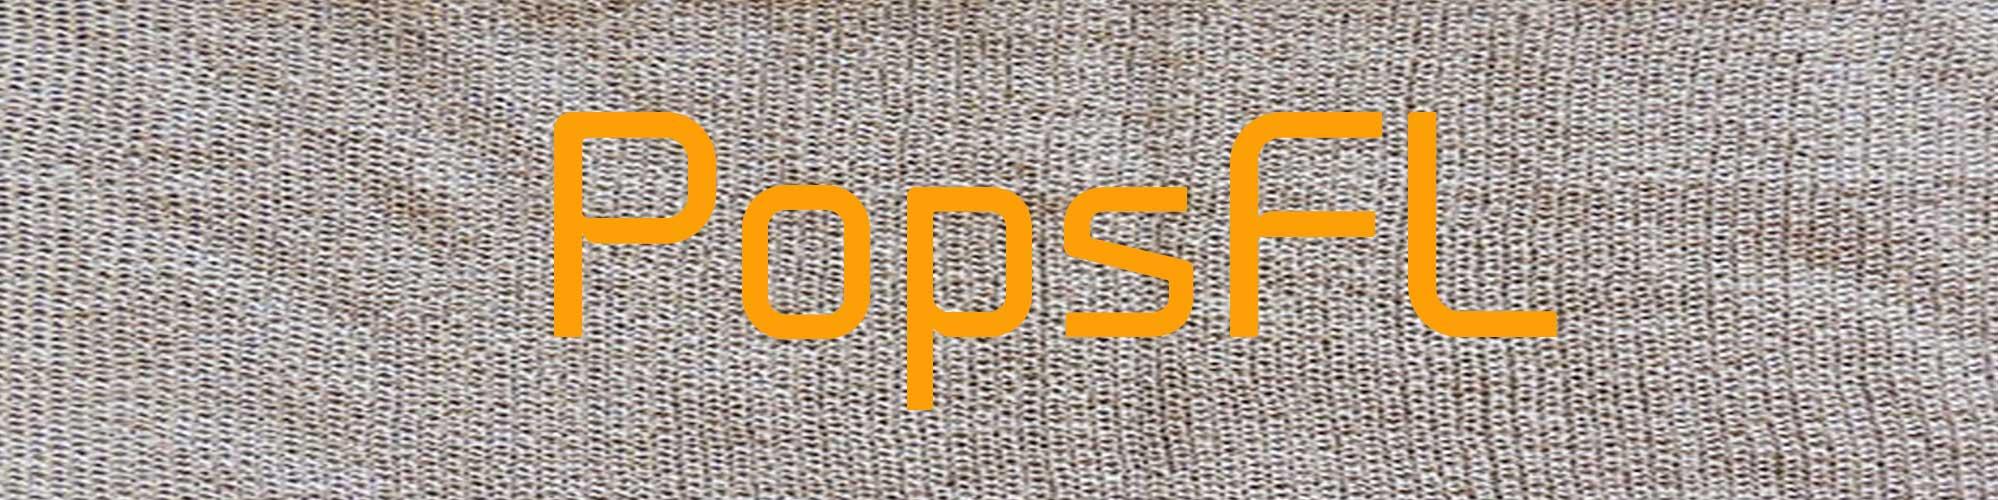 PopsFL knitwear wholesale in alpaca baby alpaca and pima cotton